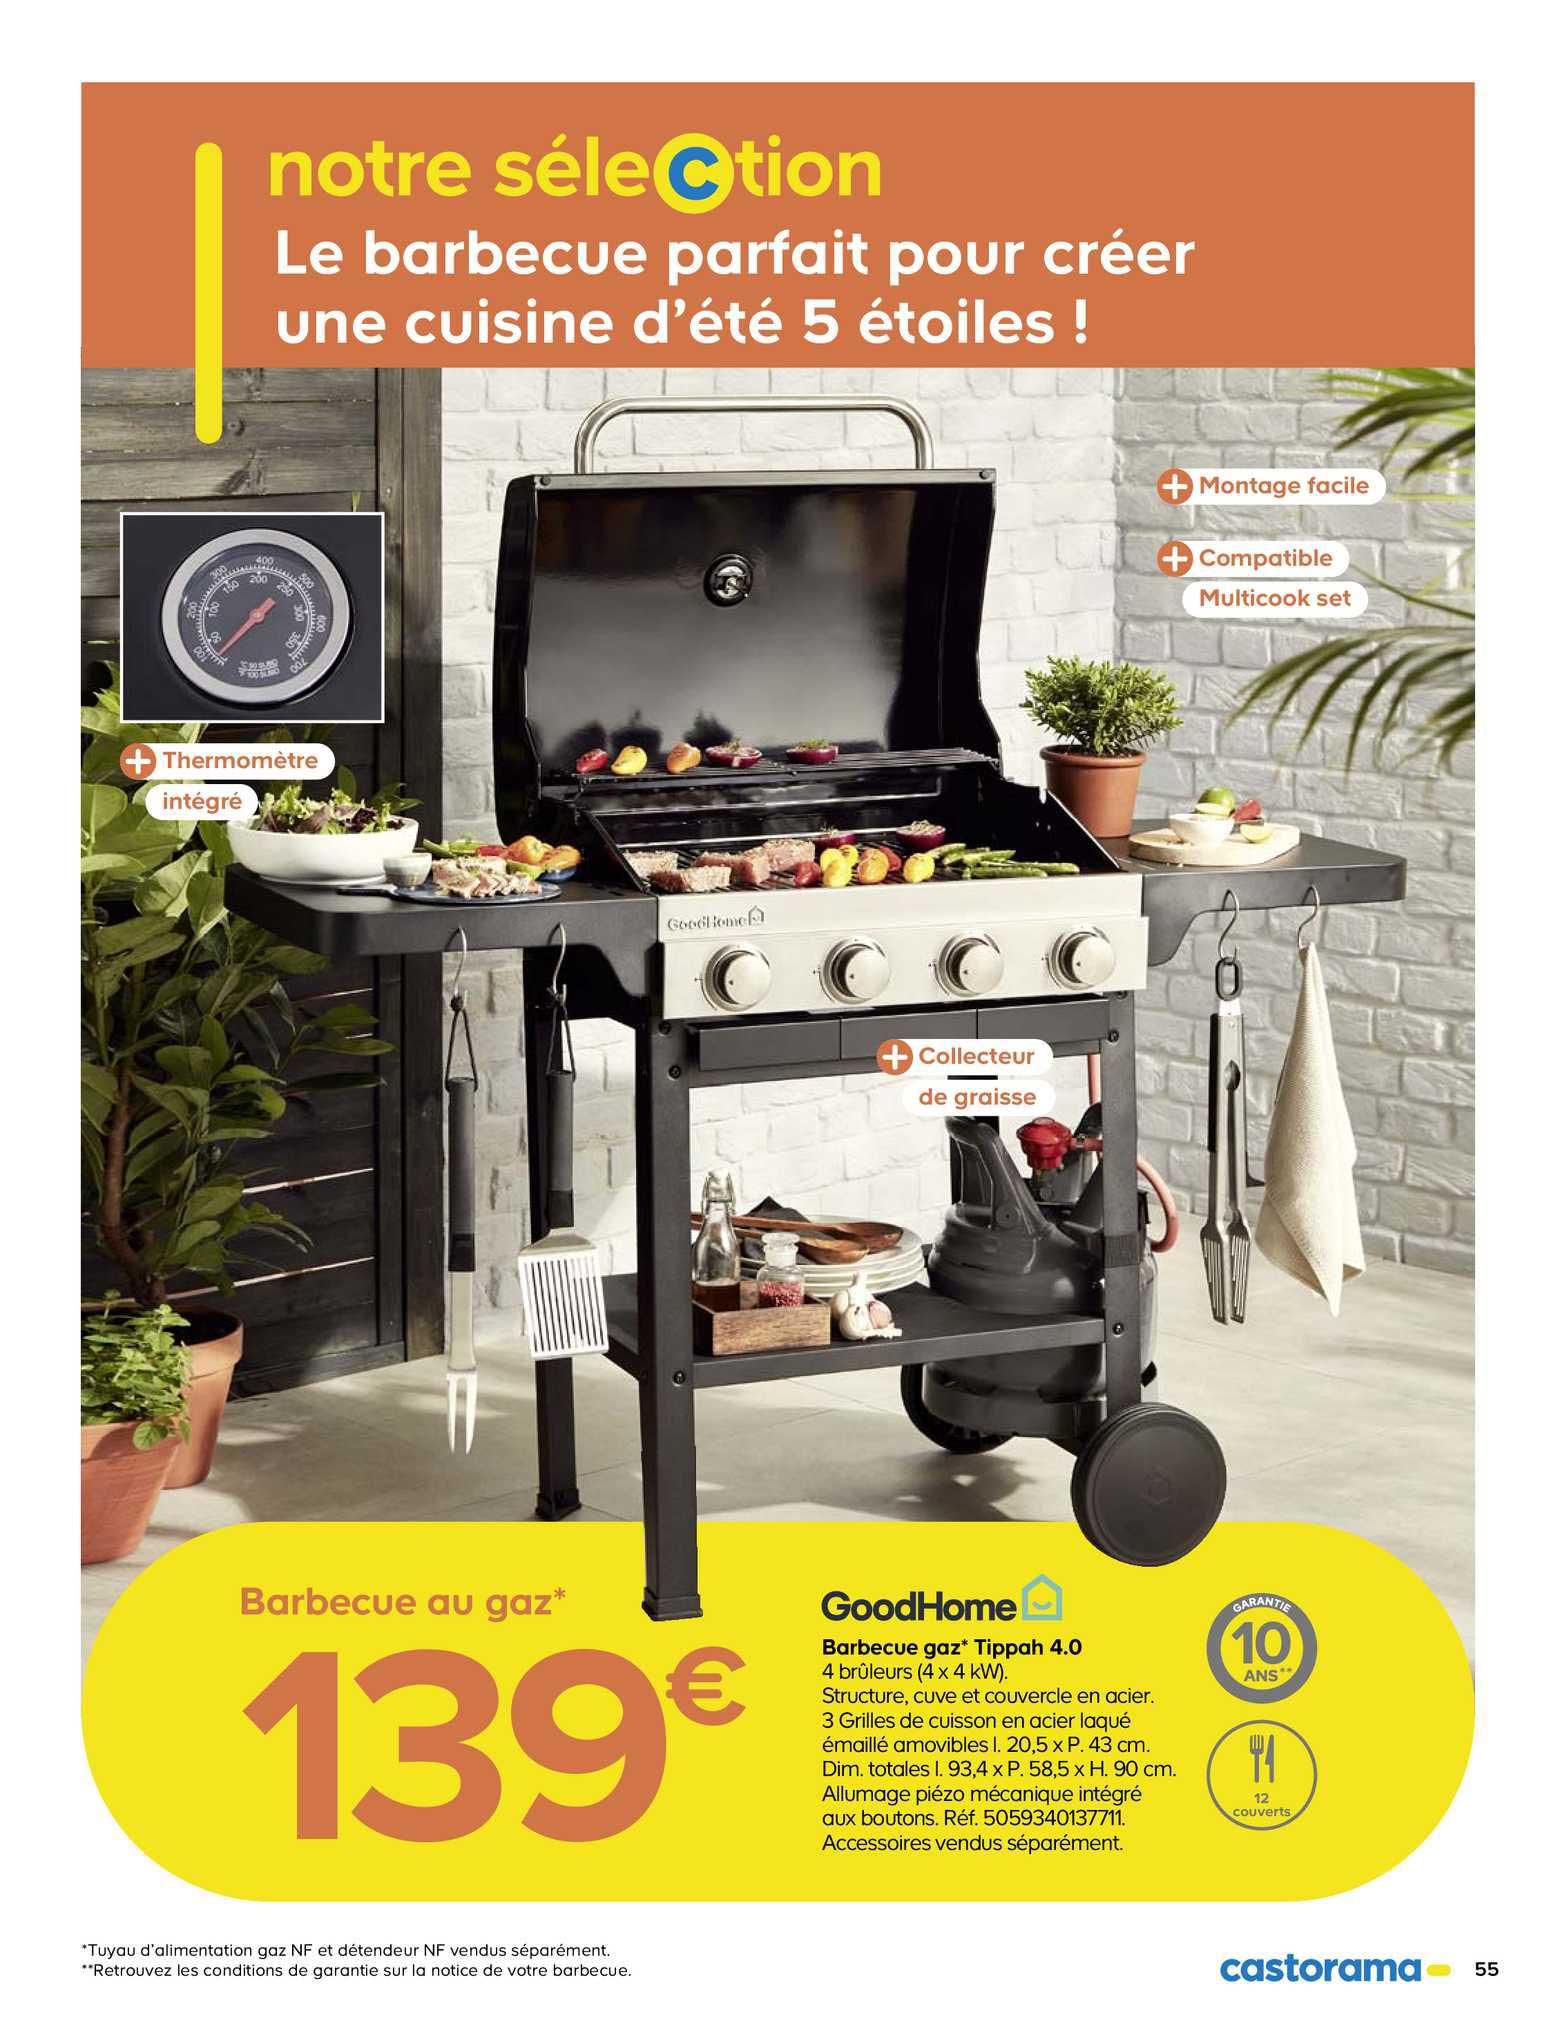 Castorama Barbecue Gaz Tippah 4.0 Goodhome